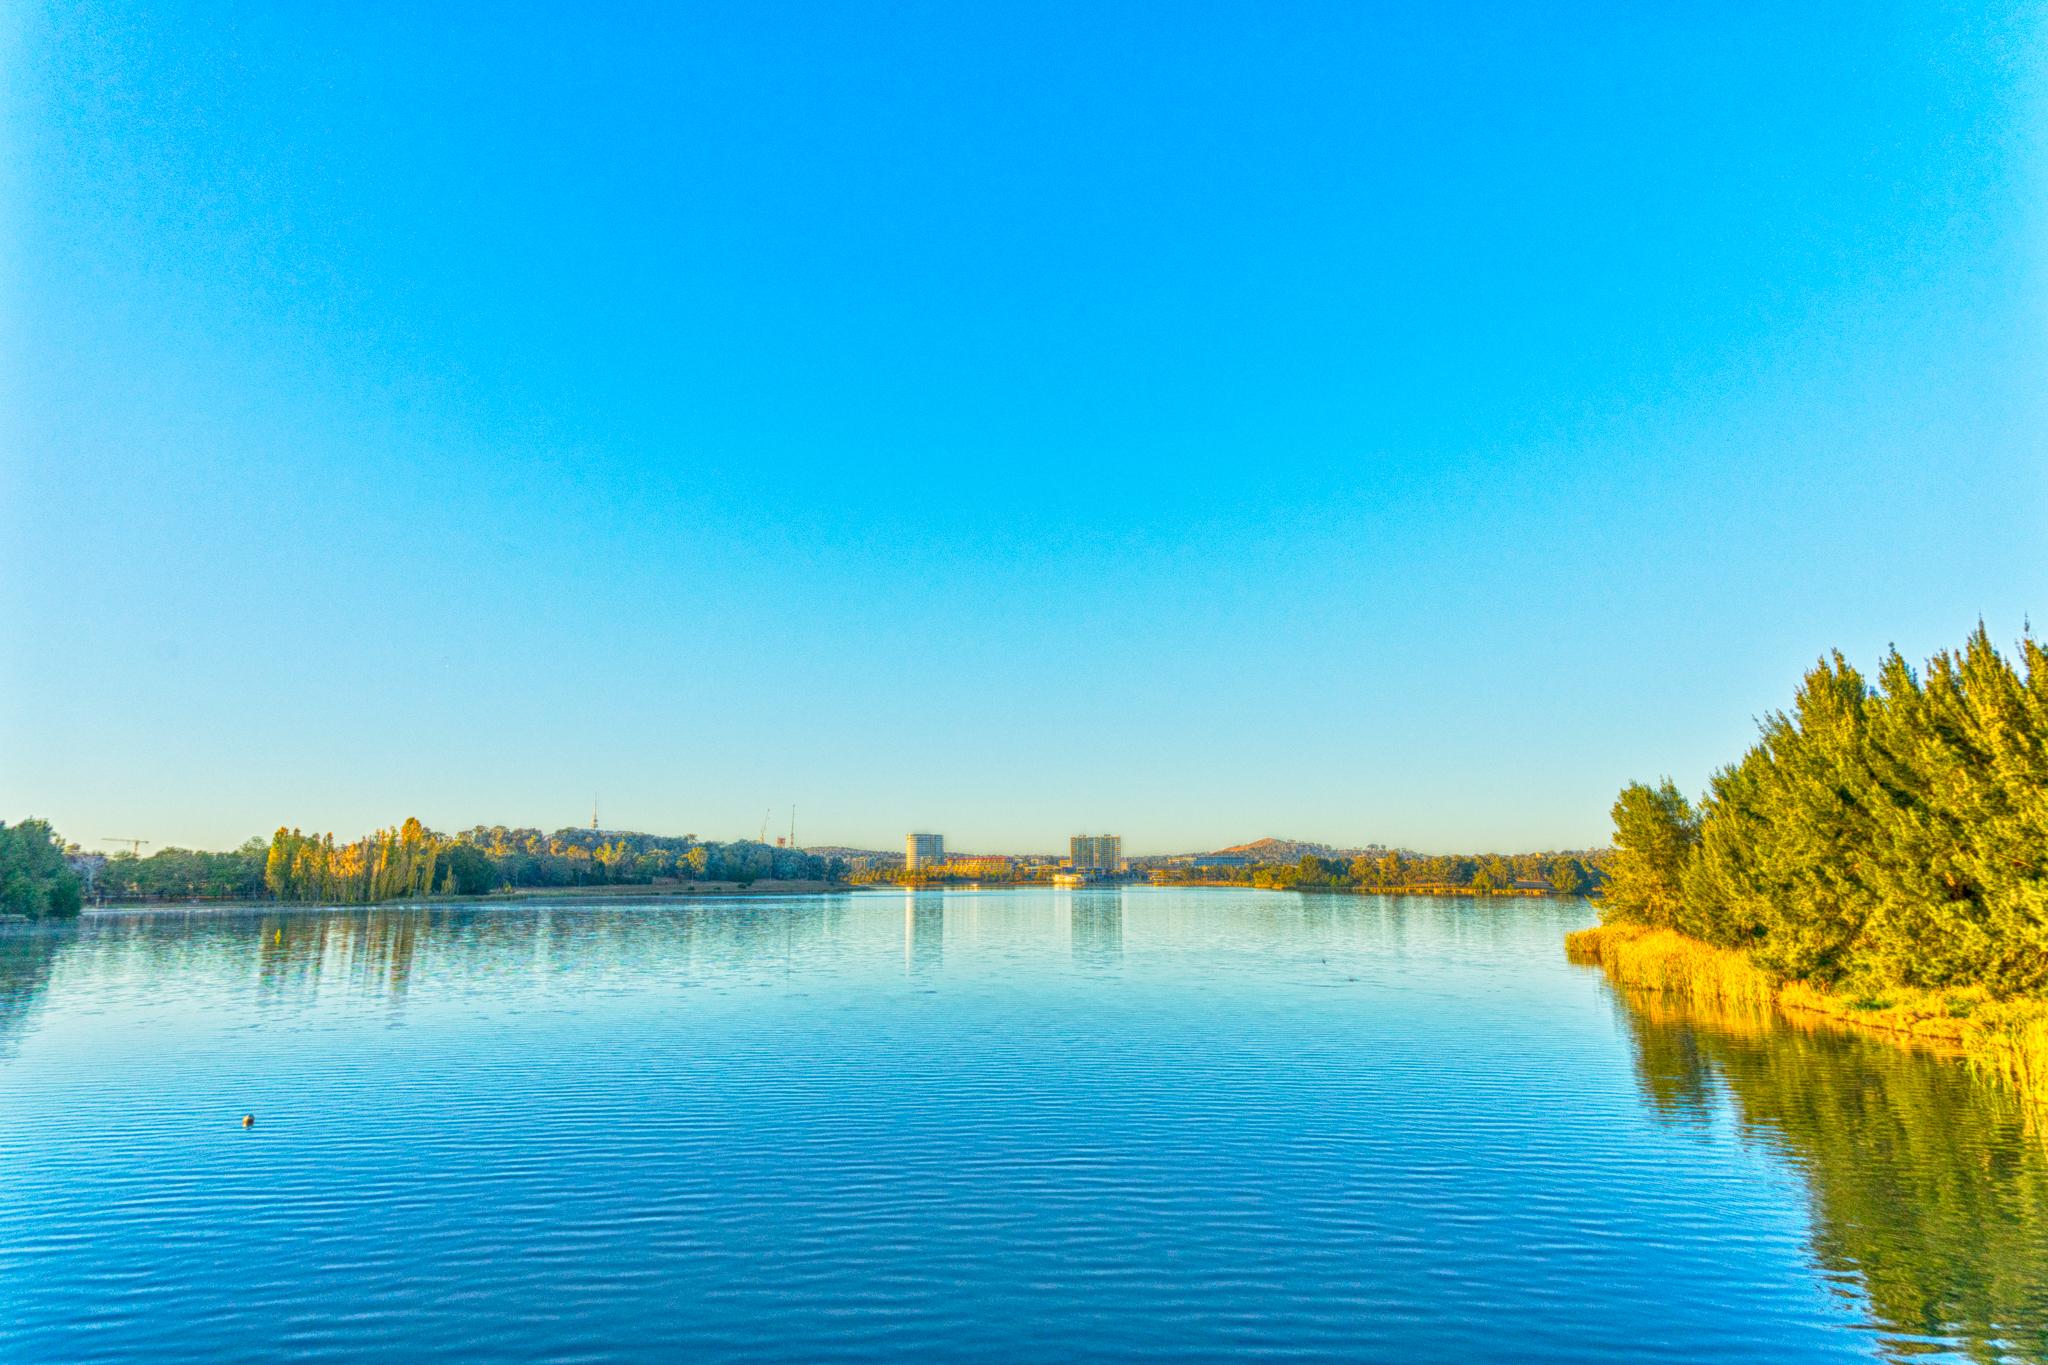 Lake Ginninderra HDR image